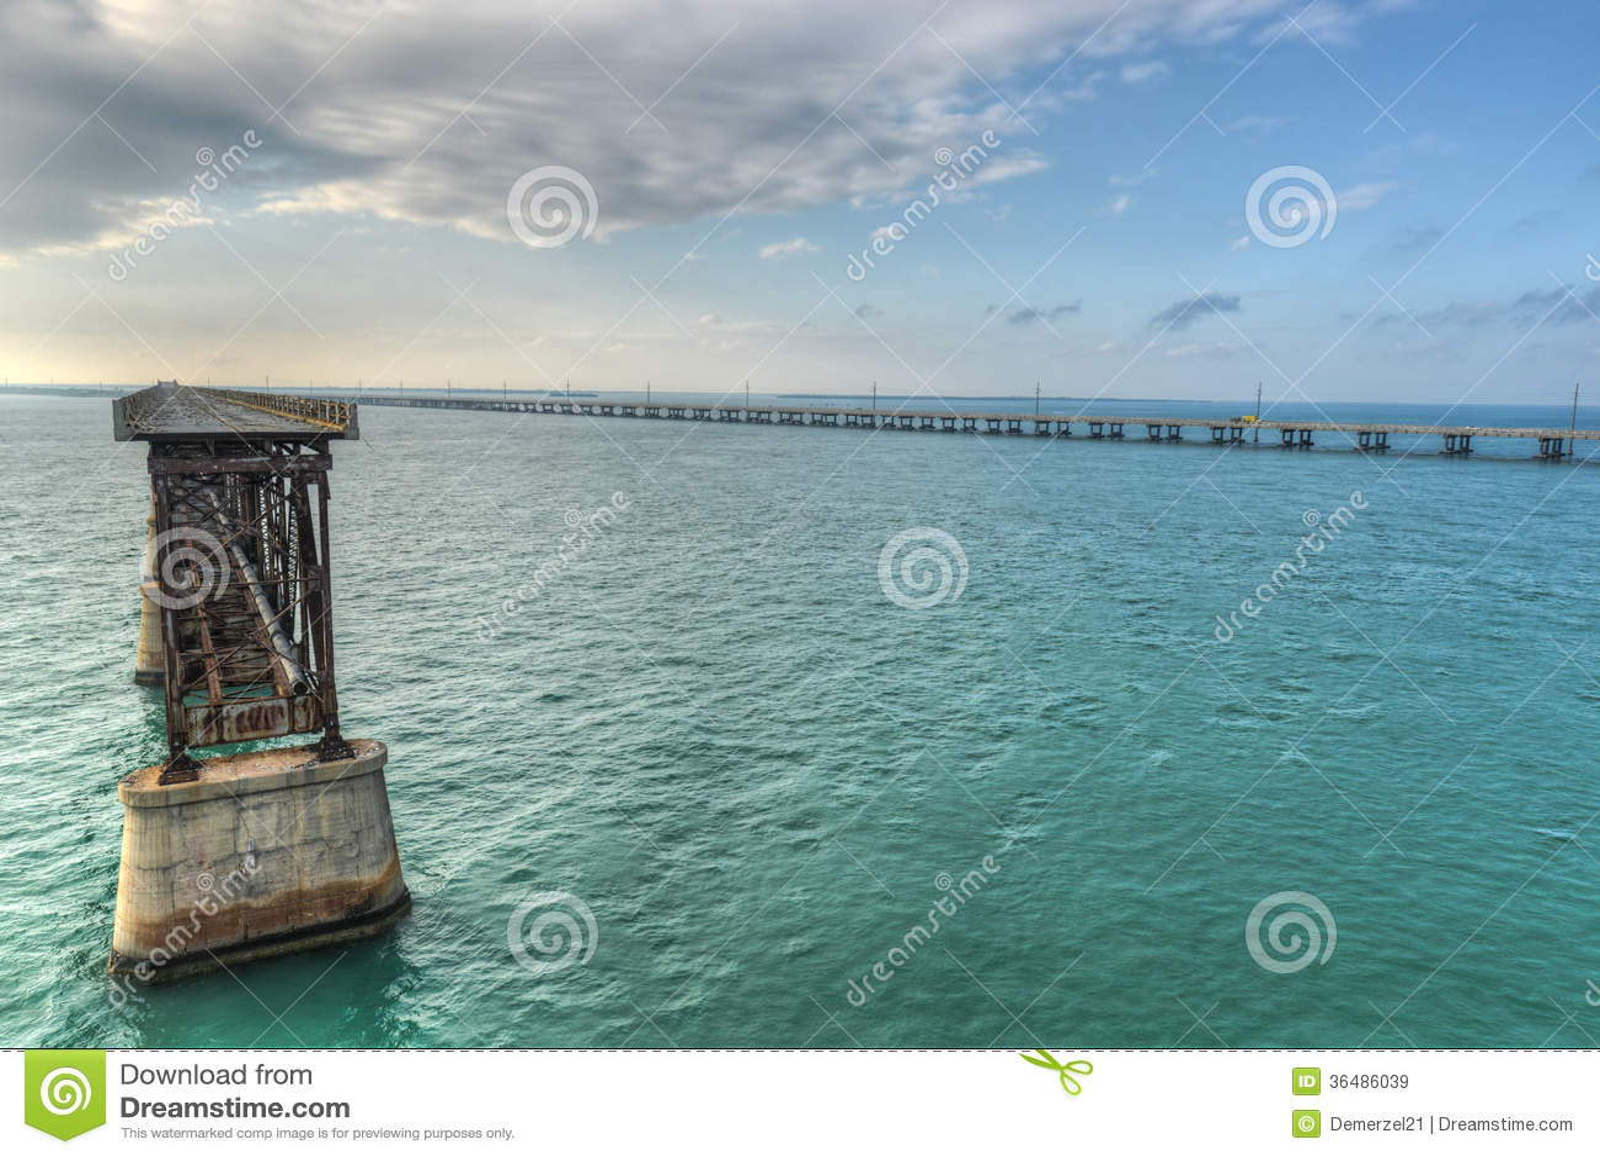 Old Bahia Honda Rail Bridge